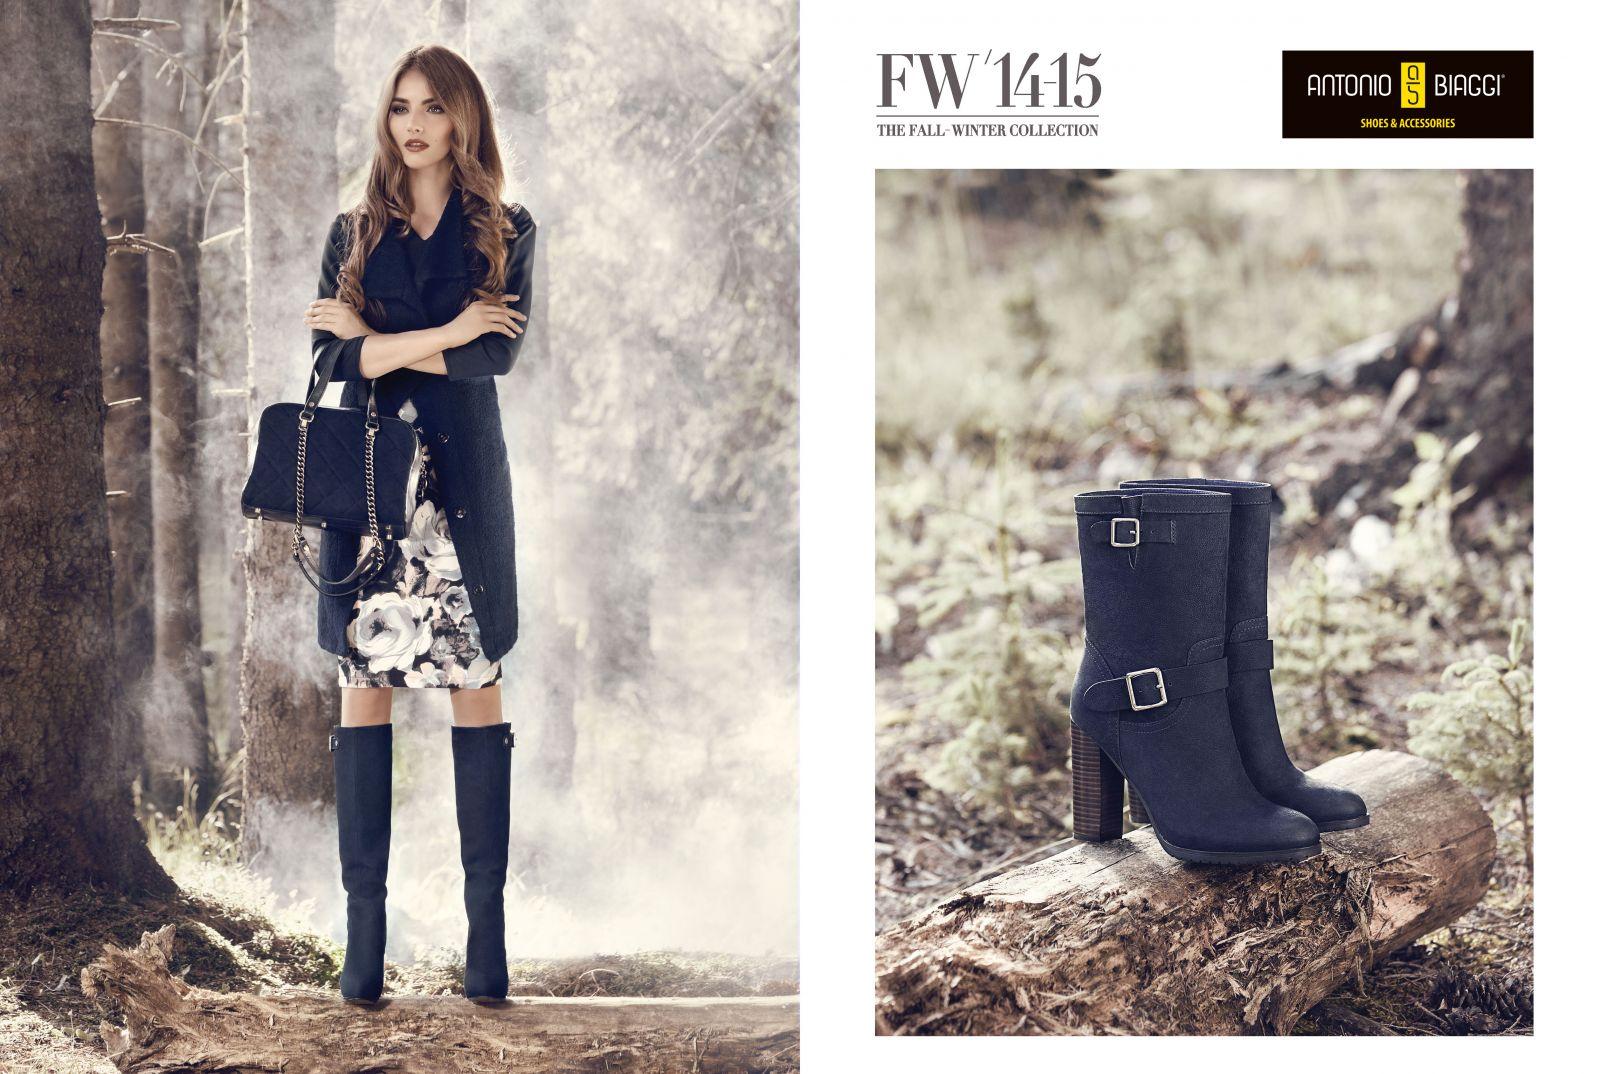 Antonio Biaggi – стильный гид в мире обувной моды - фото №2